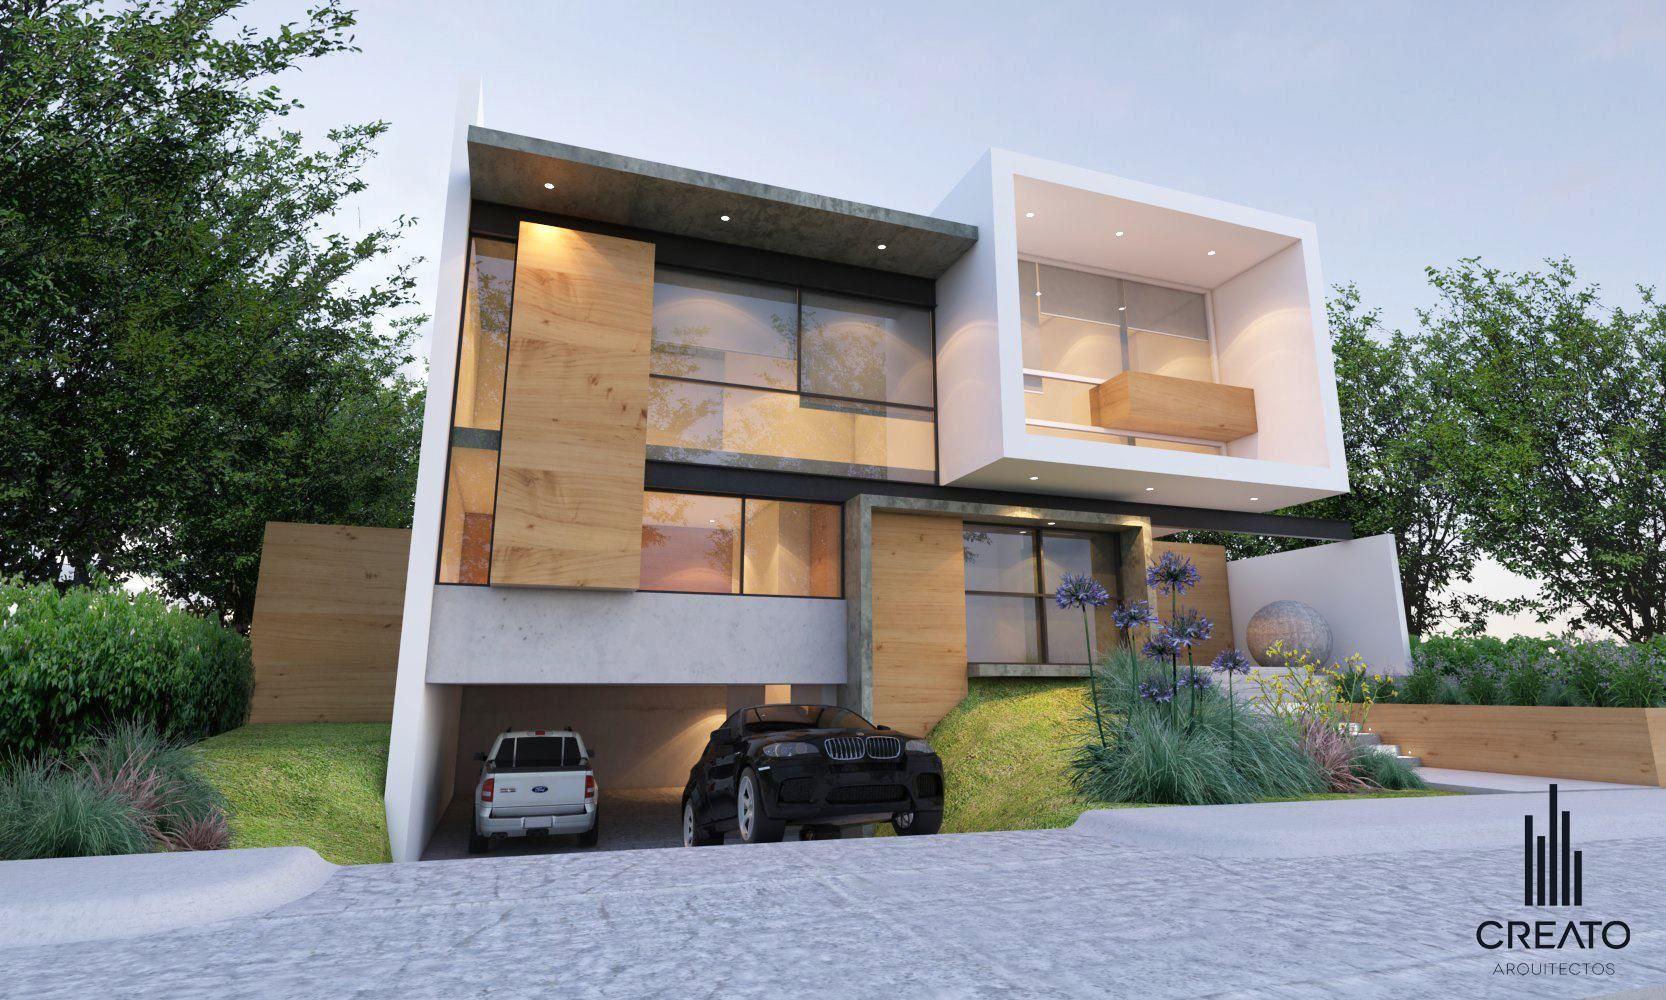 Fachadas creato arquitectos bosque fachadas casas modernas y arquitectos - Arquitectos casas modernas ...